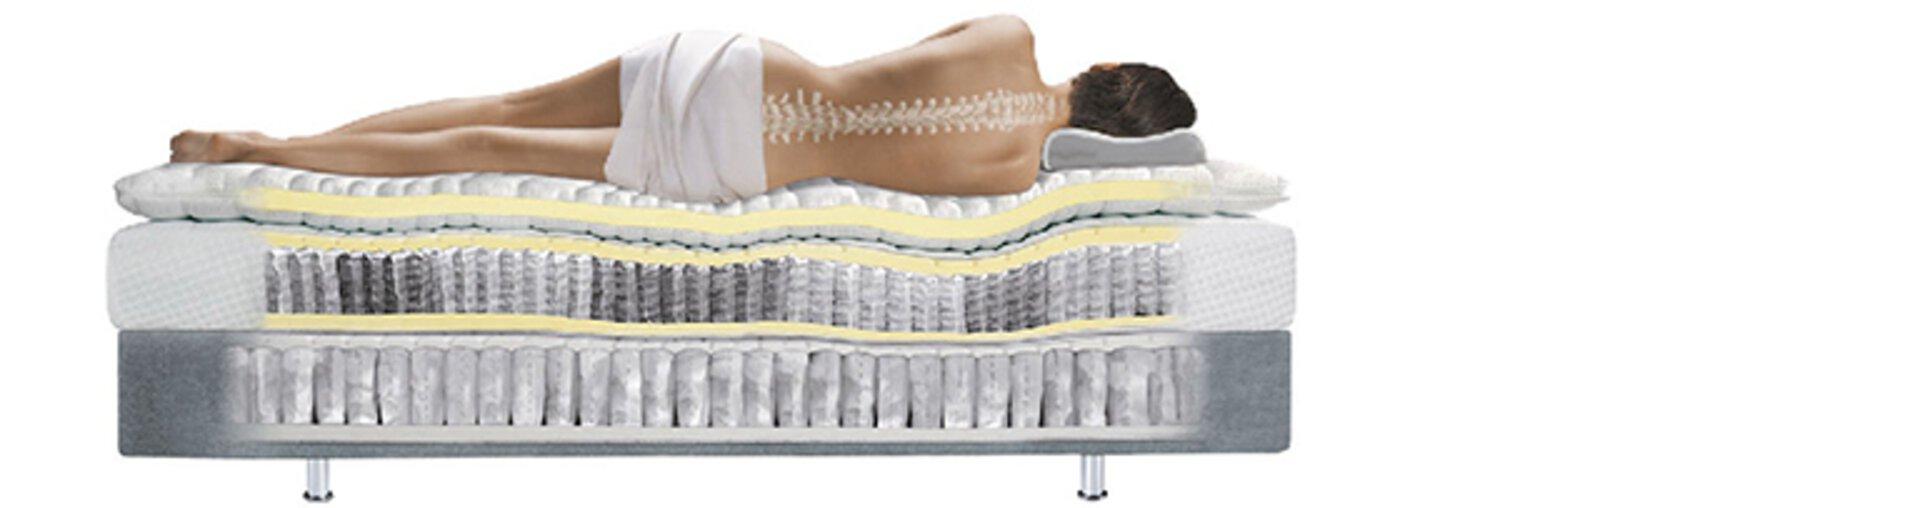 Querschnitt eines Boxspringbettes zeigt die verschiedenen Lagen. Darauf ein Frauenkörper der deutlich die Position der Wirbelsäule zeigt, die auf einem Boxspringbett bestens unterstützt wird.